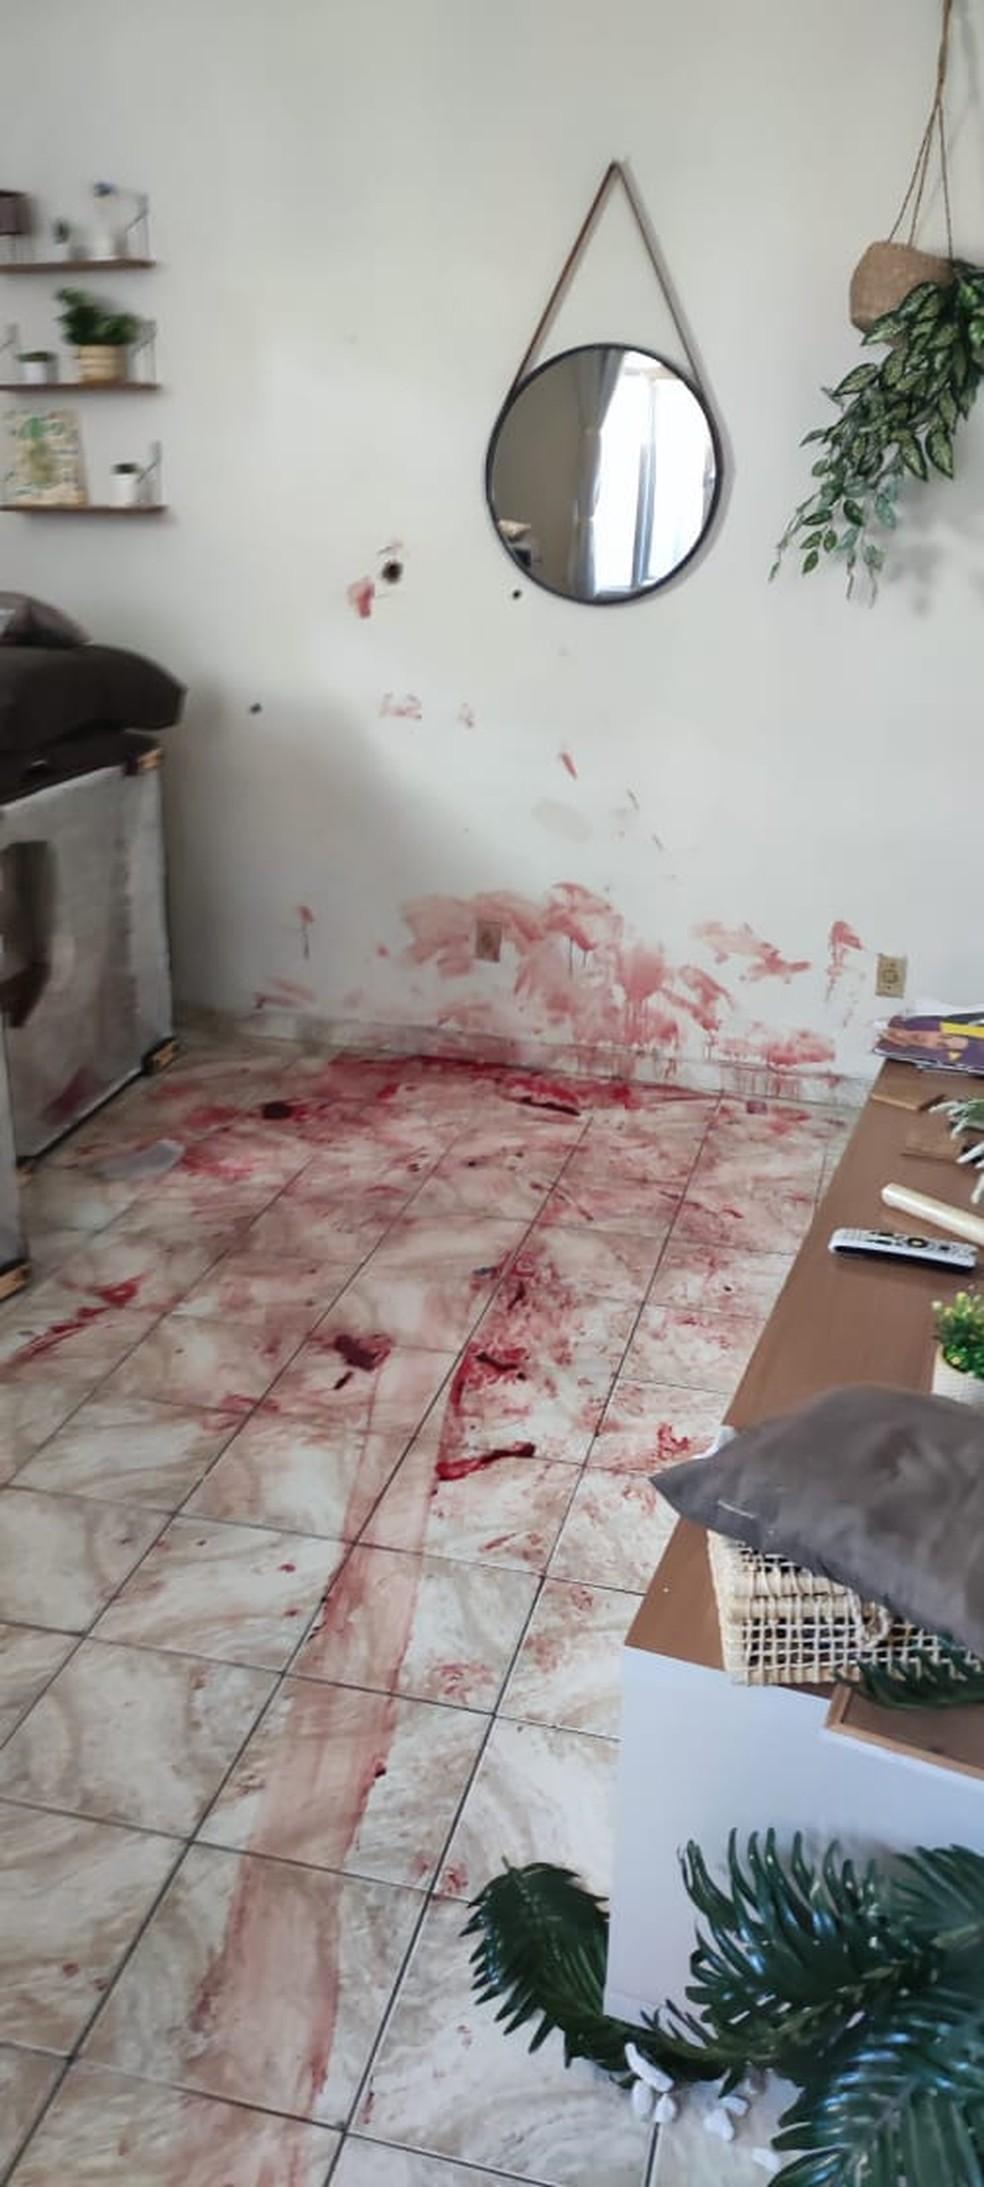 Casa de mulher de 50 anos ficou repleta de sangue após ação policial no Jacarezinho — Foto: Reprodução